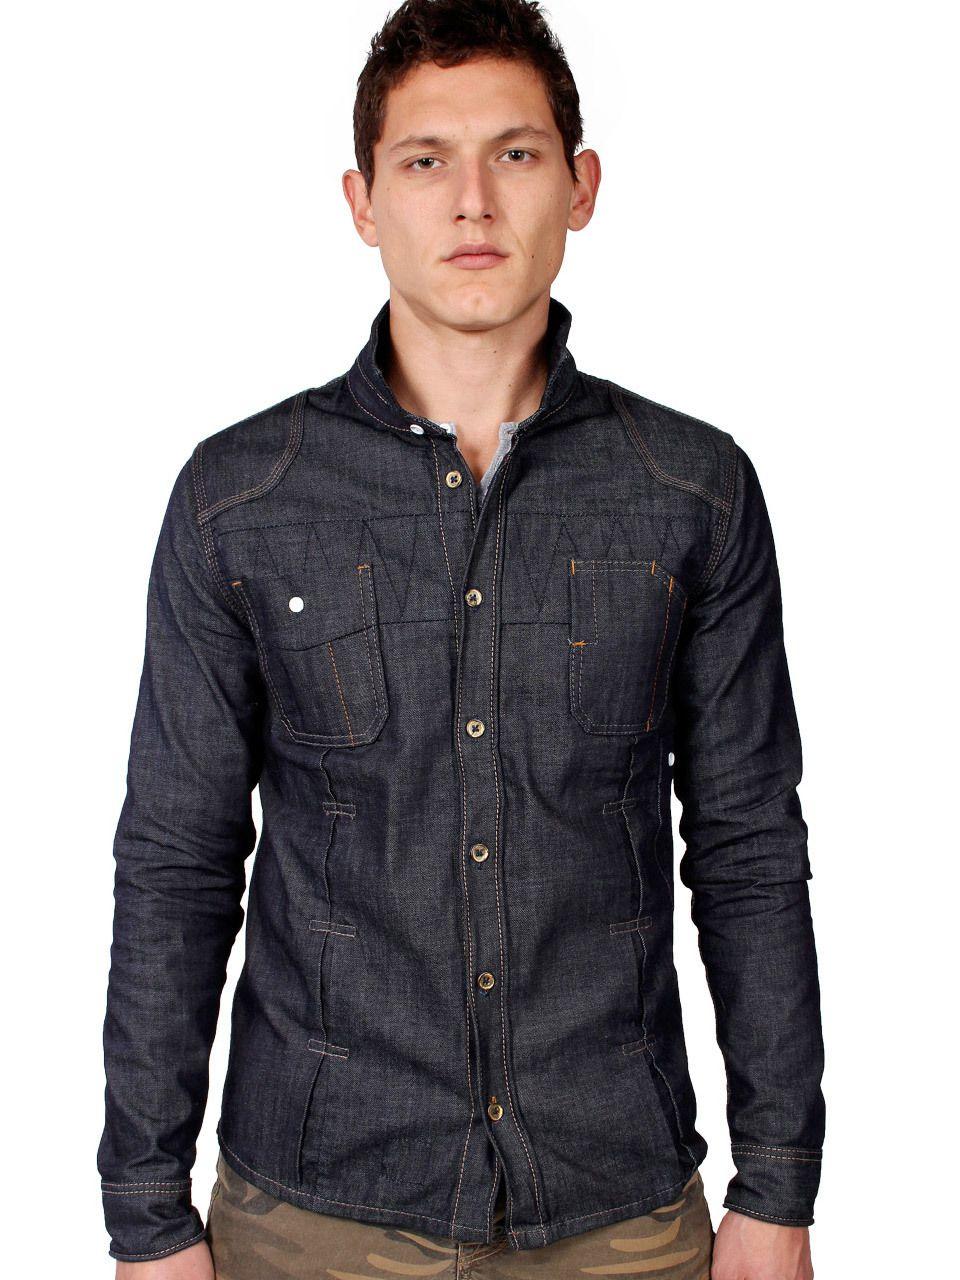 dd81094764f7 Men s Raw Denim Shirt in Slim Fit (Long Sleeve Raw Denim Work Shirt ...